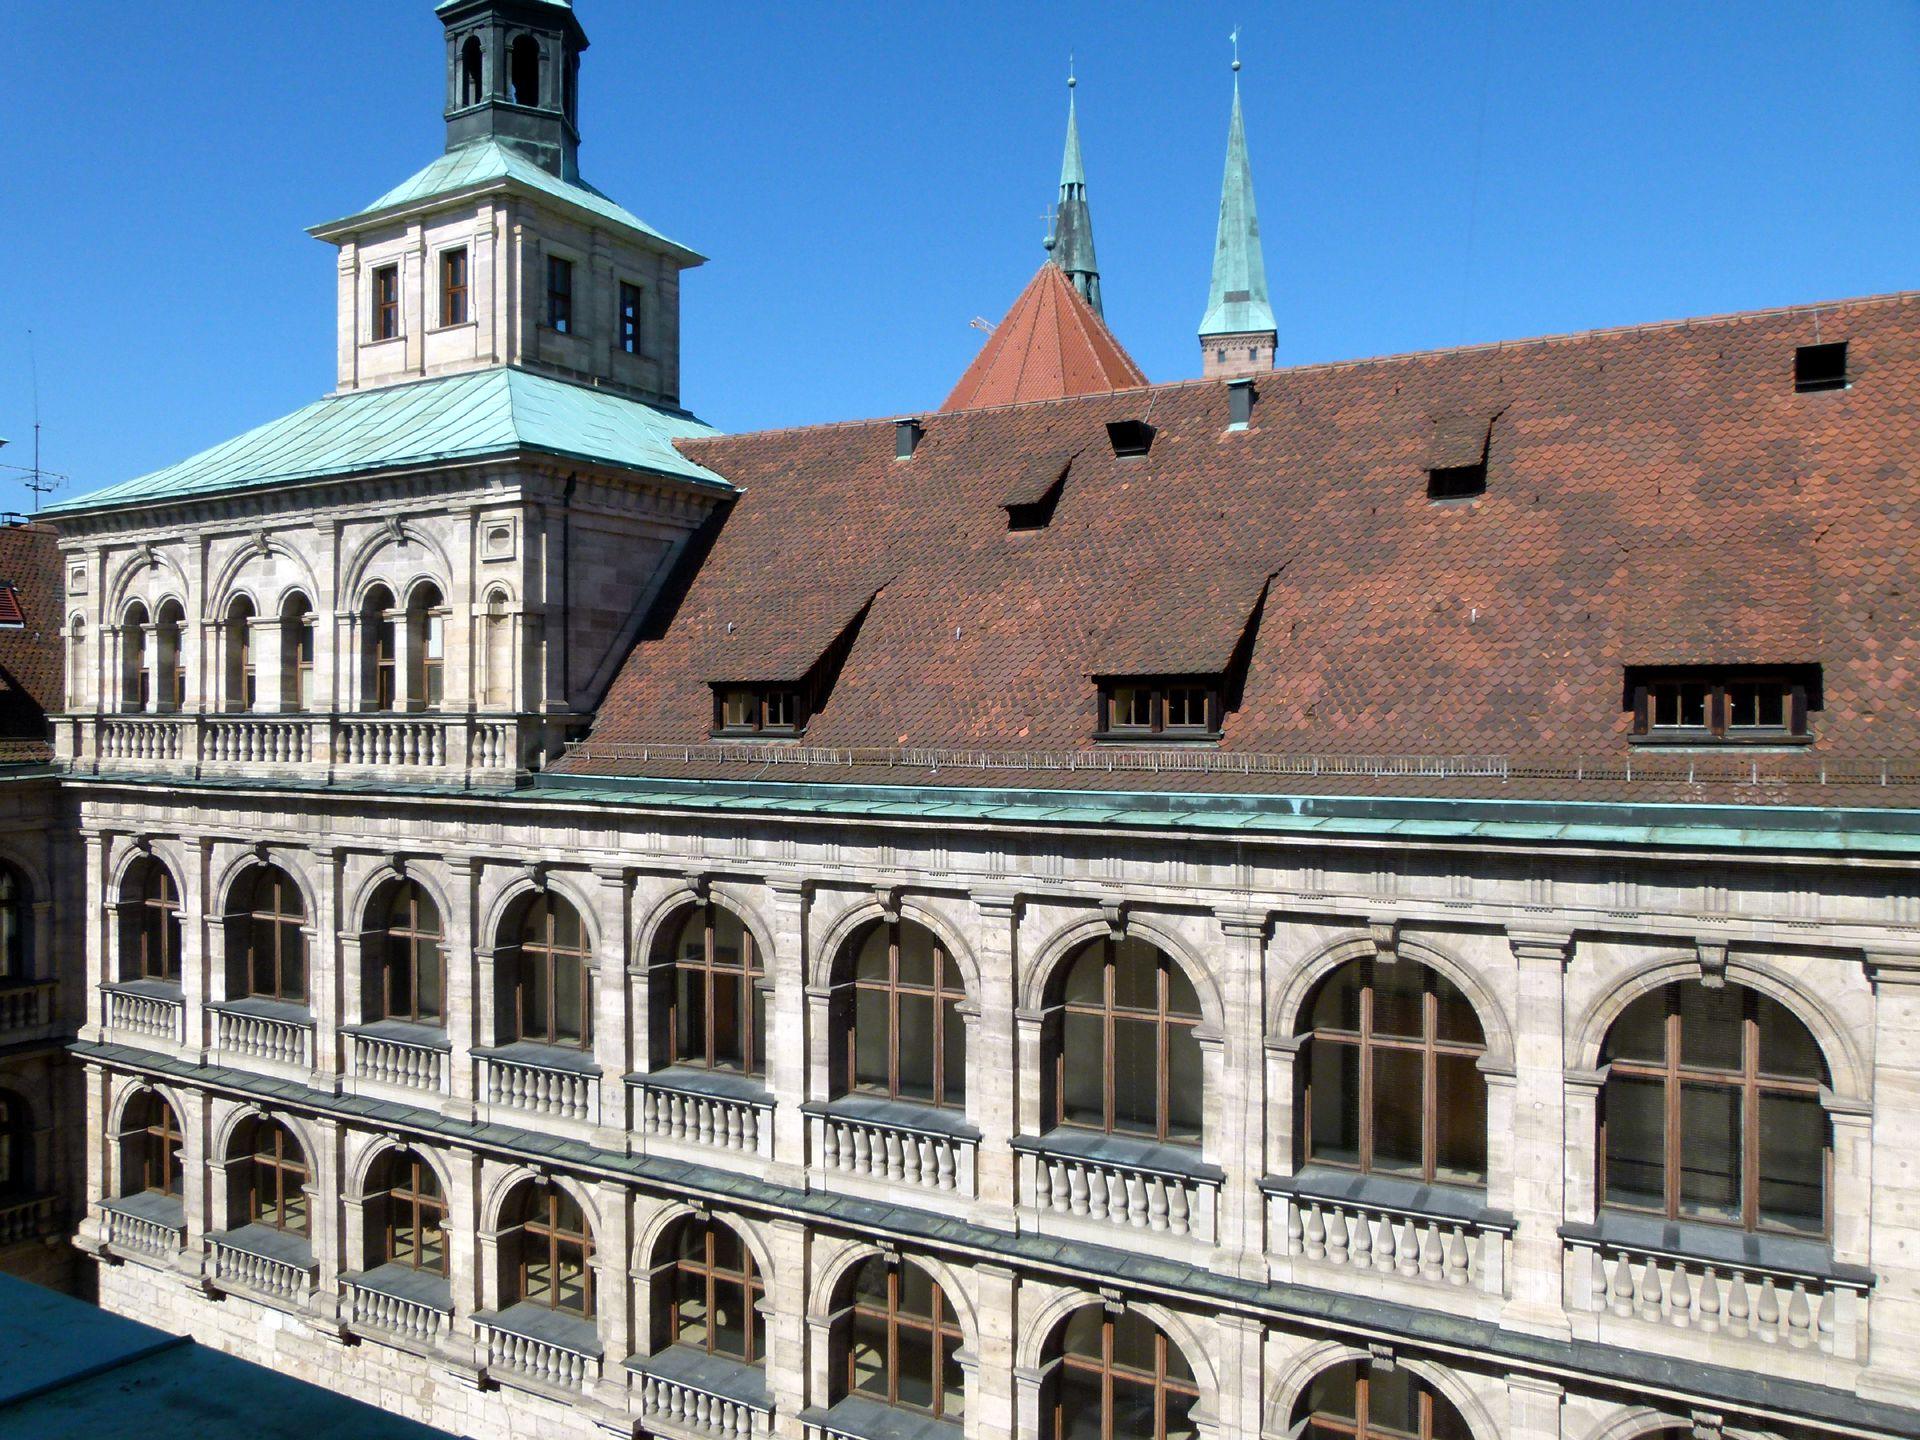 Rathaus, Wolffscher Bau Innenhof: oberes Stockwerke von Nordosten